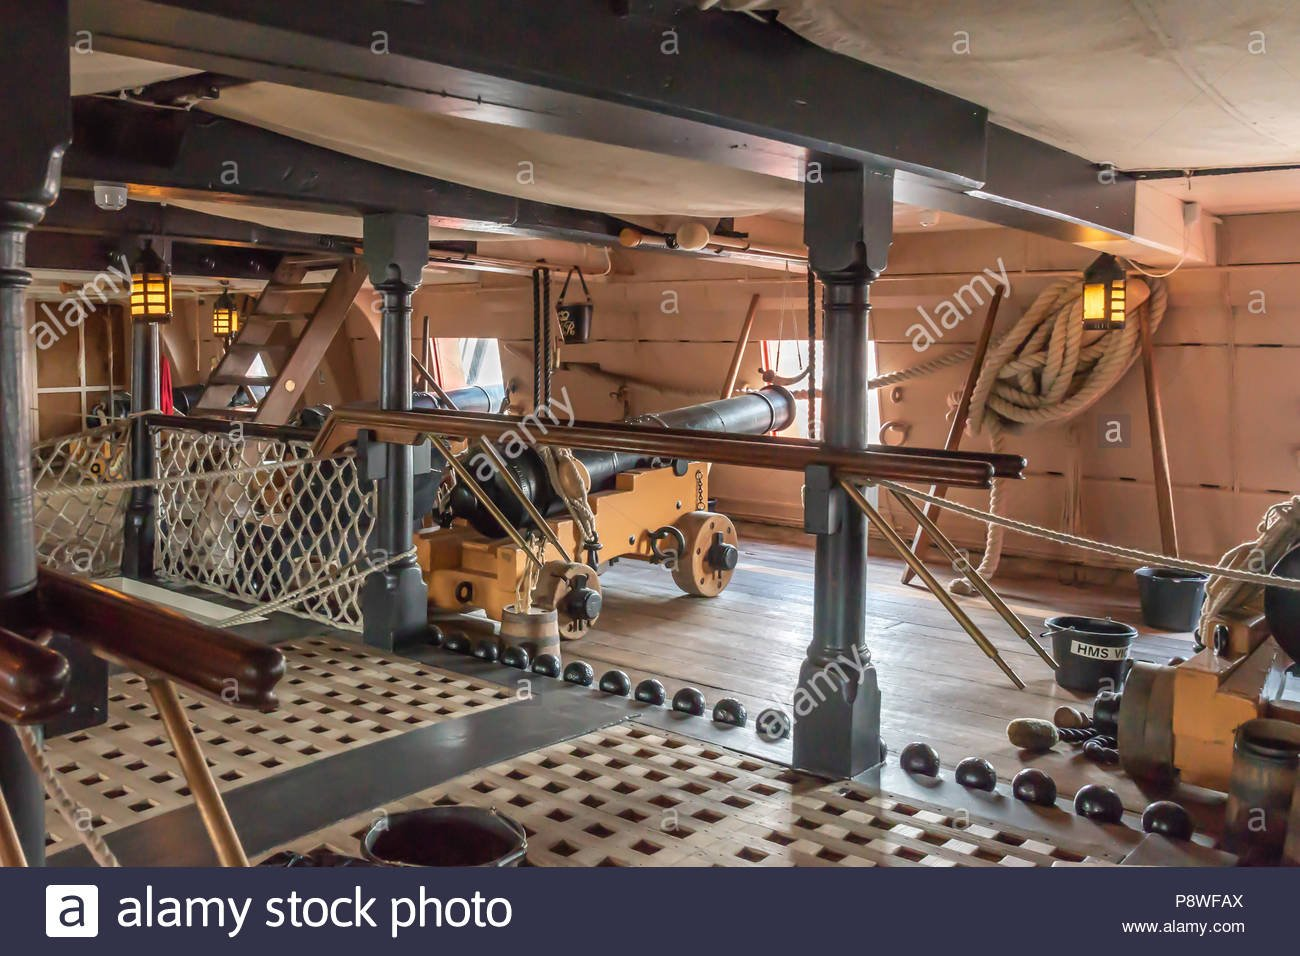 hms-victory-gun-deck-portsmouth-P8WFAX.jpg.bde6015ceda9dfbb2f2469bc9e347525.jpg